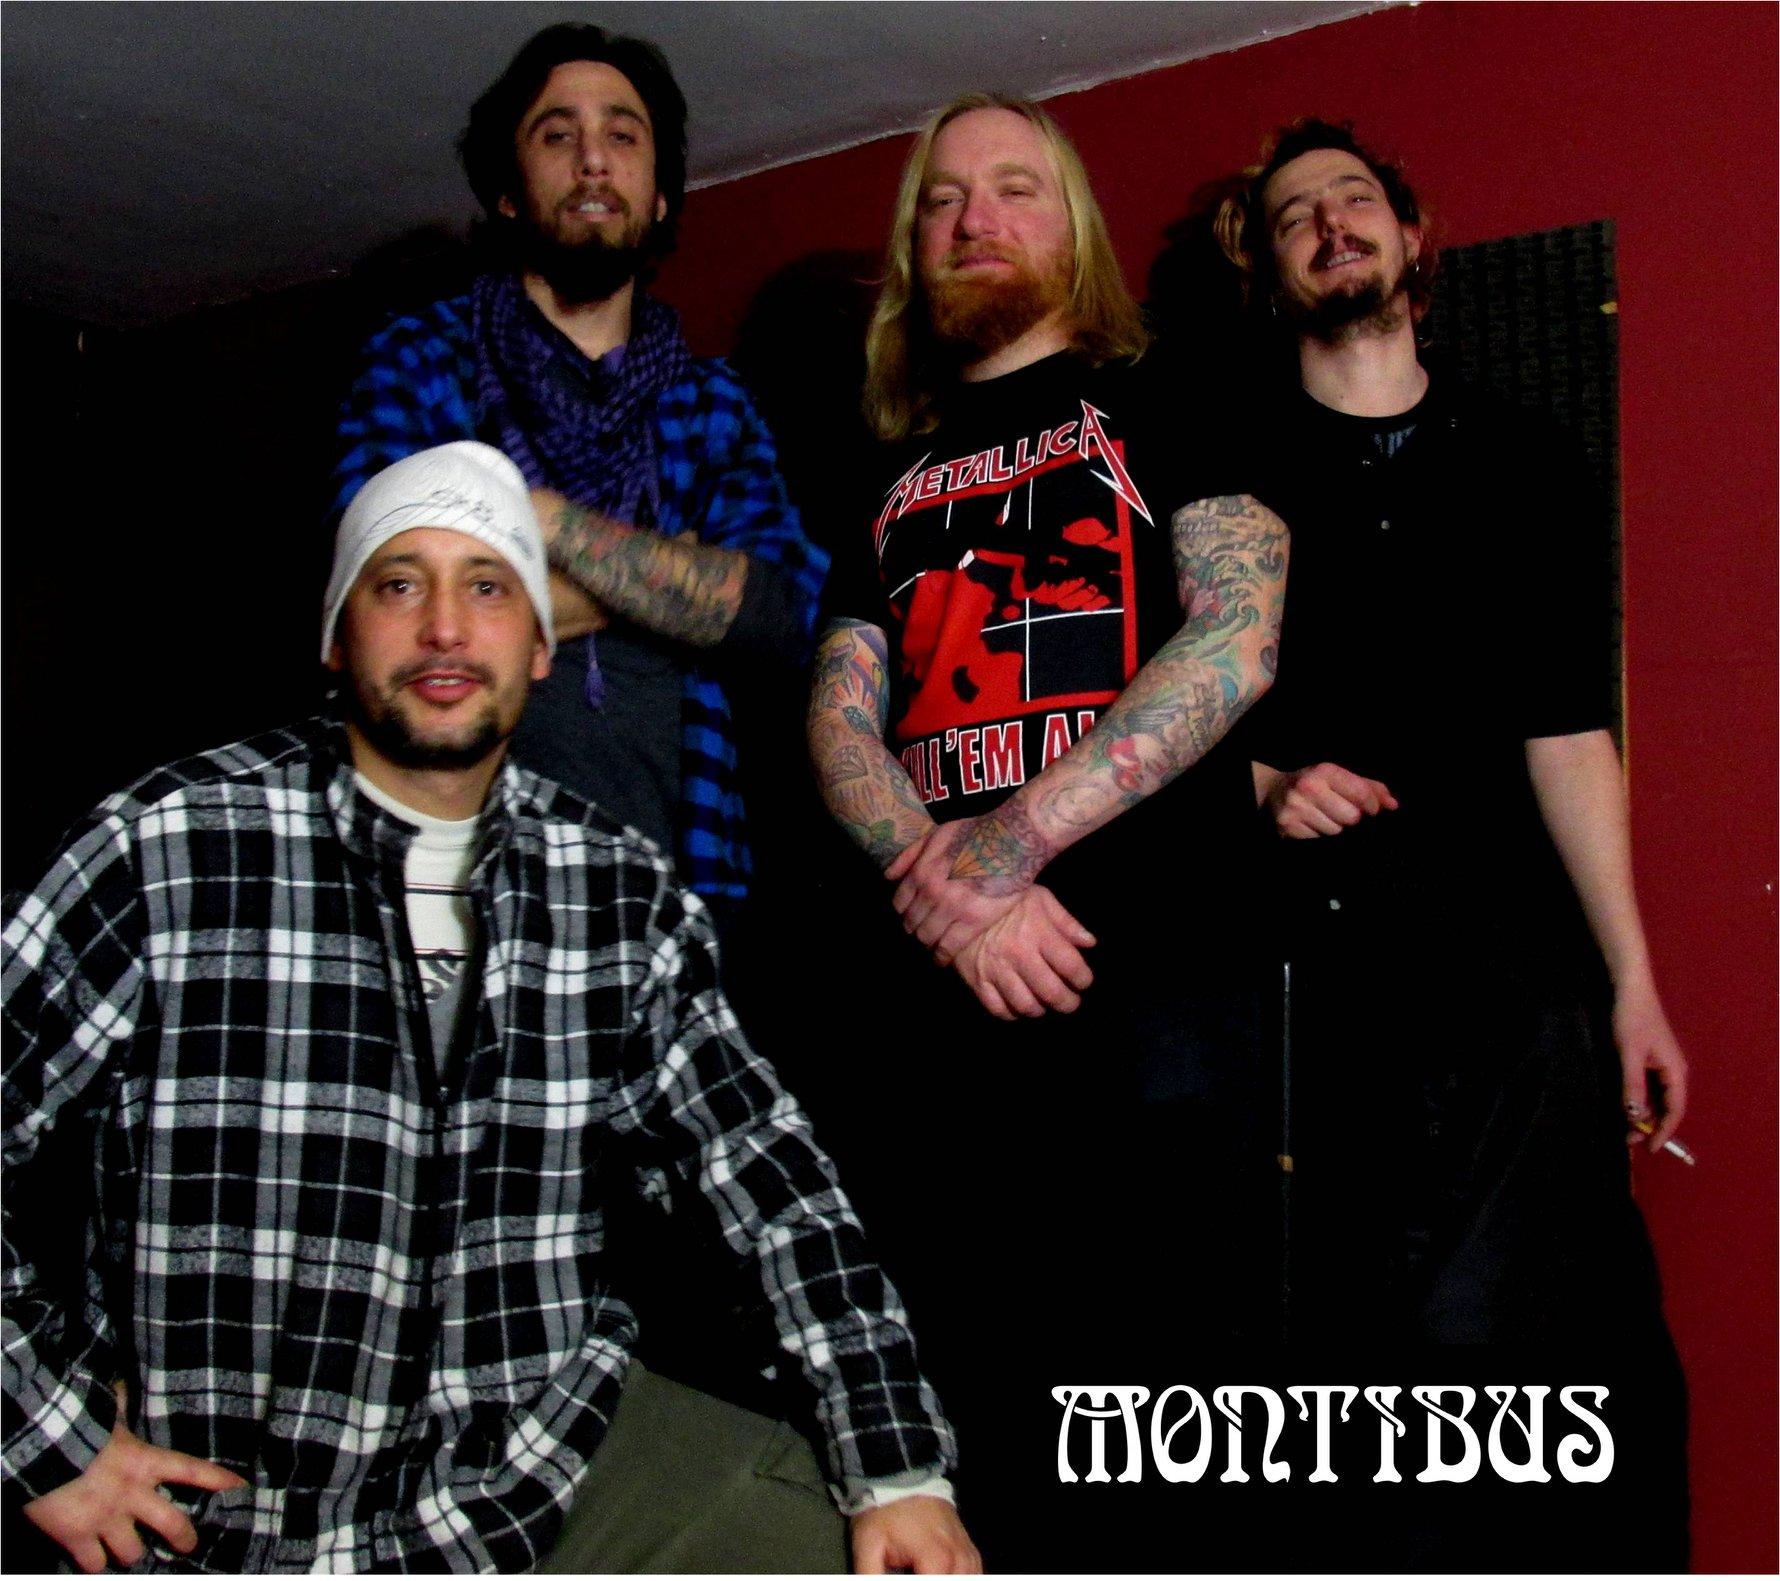 MONTIBUS picture